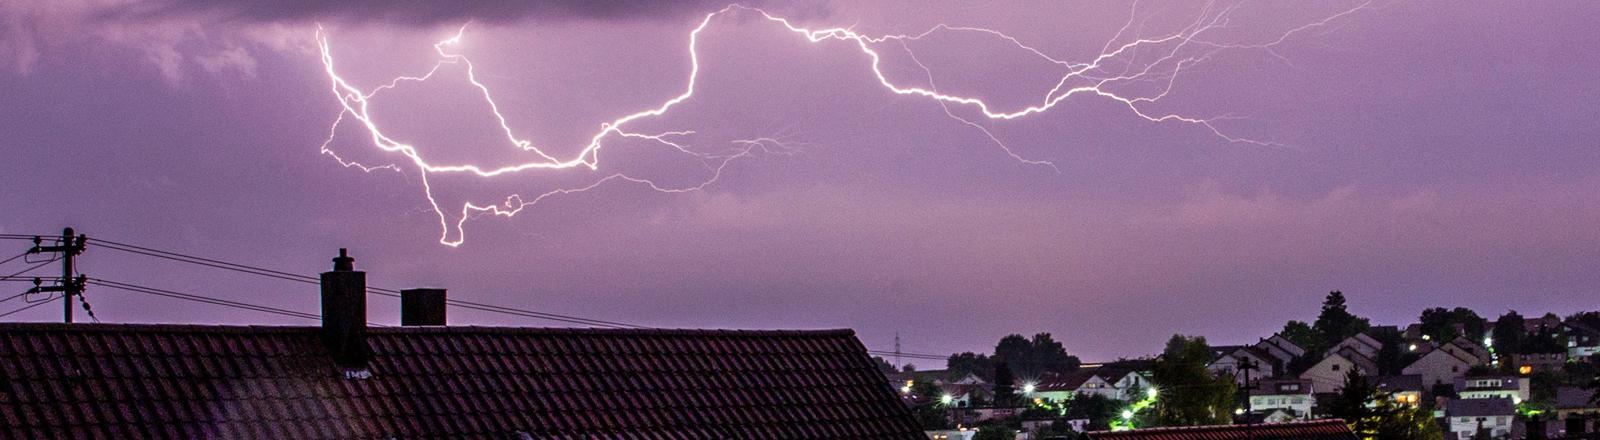 Blitz über einer Stadt